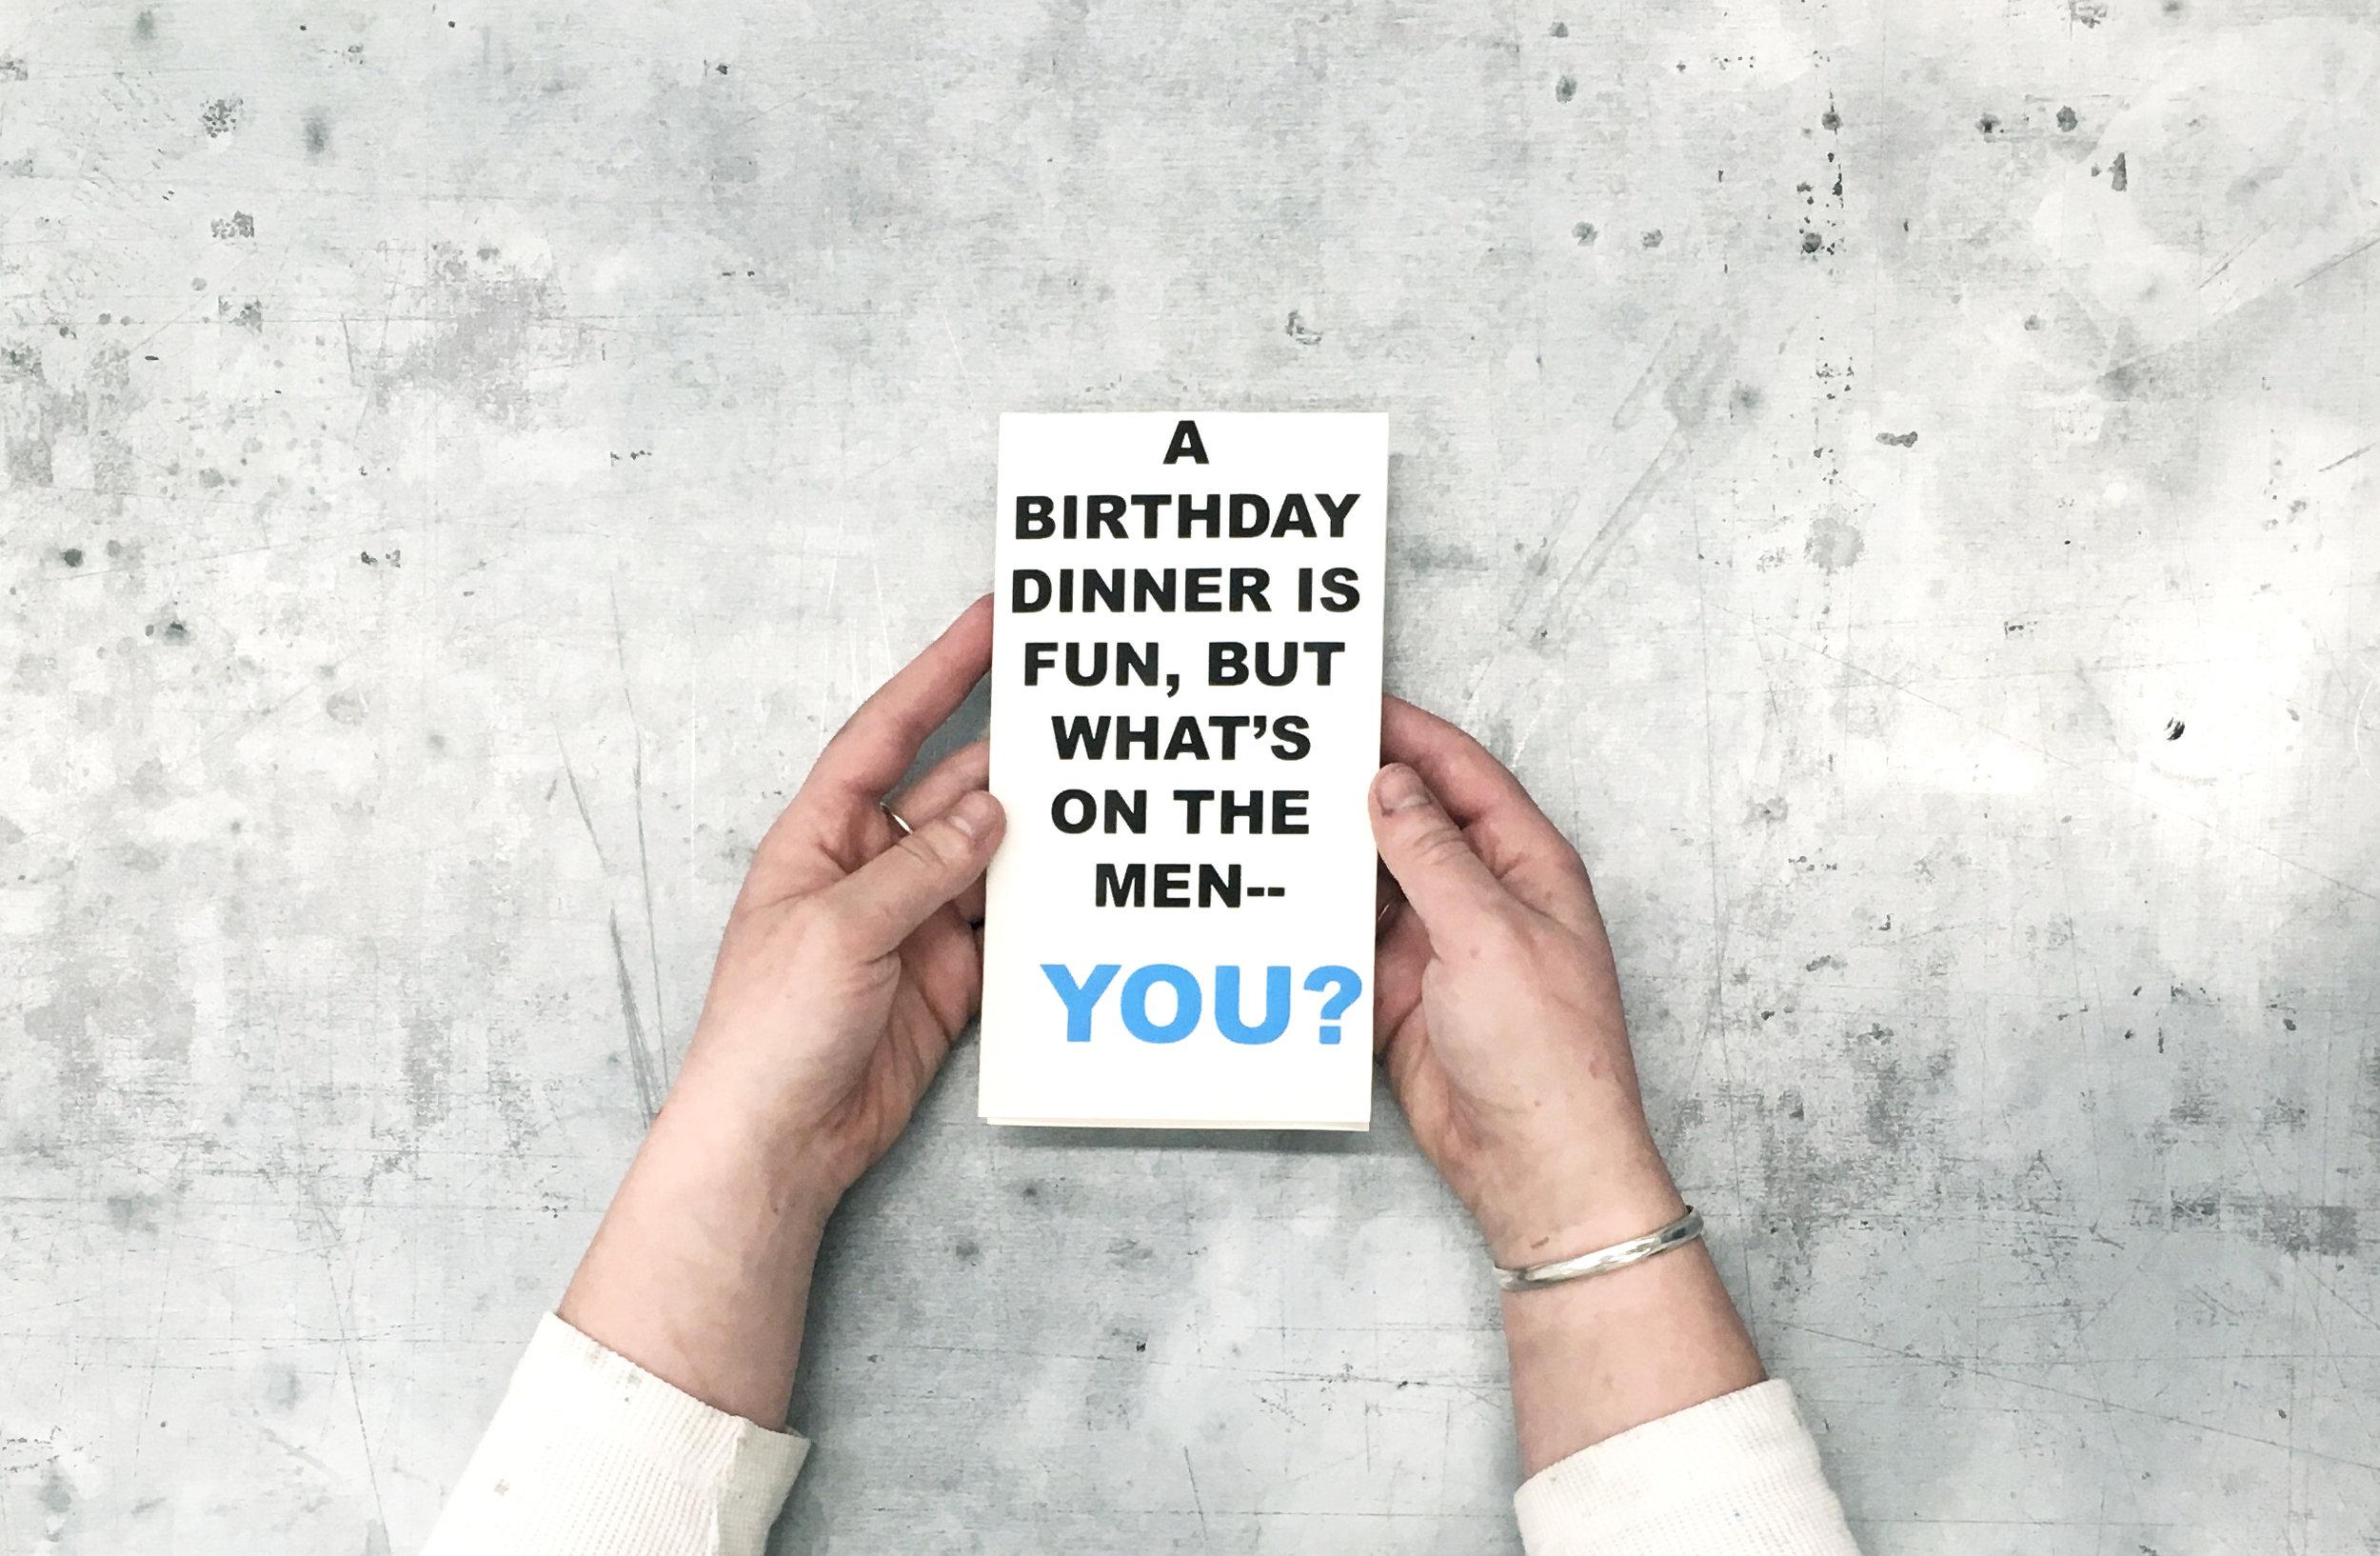 BirthdayCardAP-p1.jpg